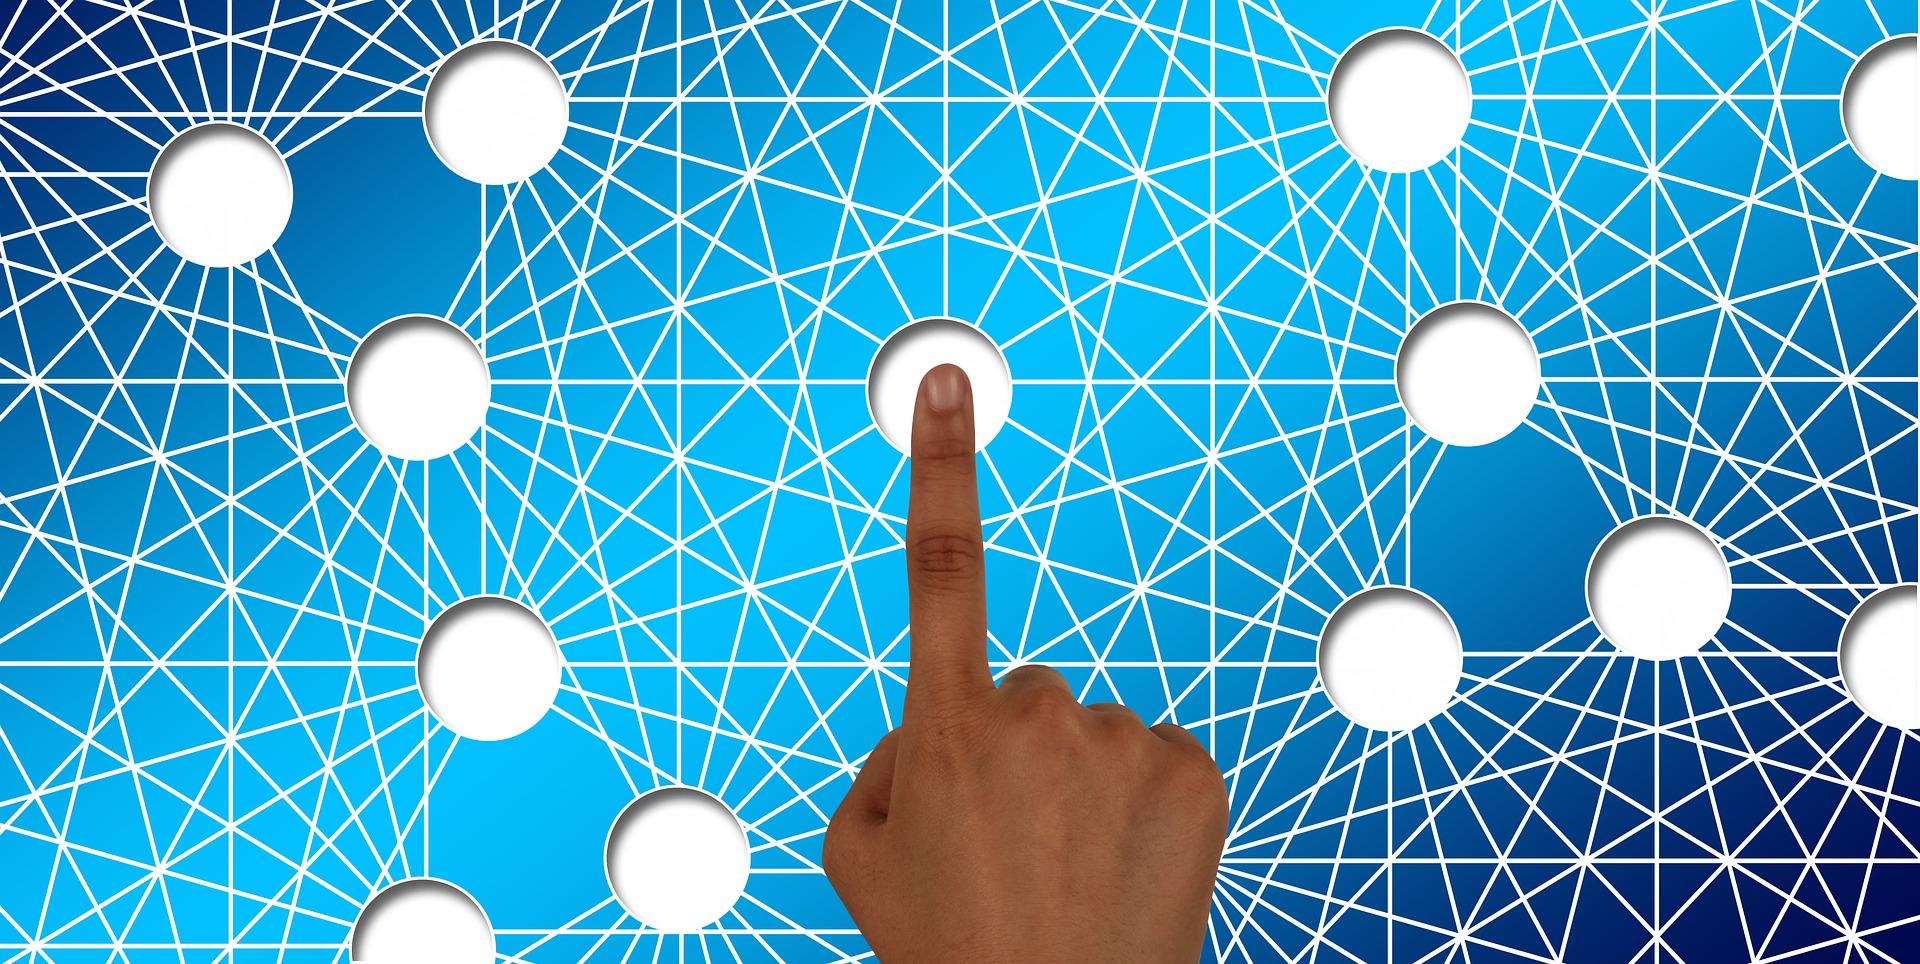 finger on touchscreen.jpg